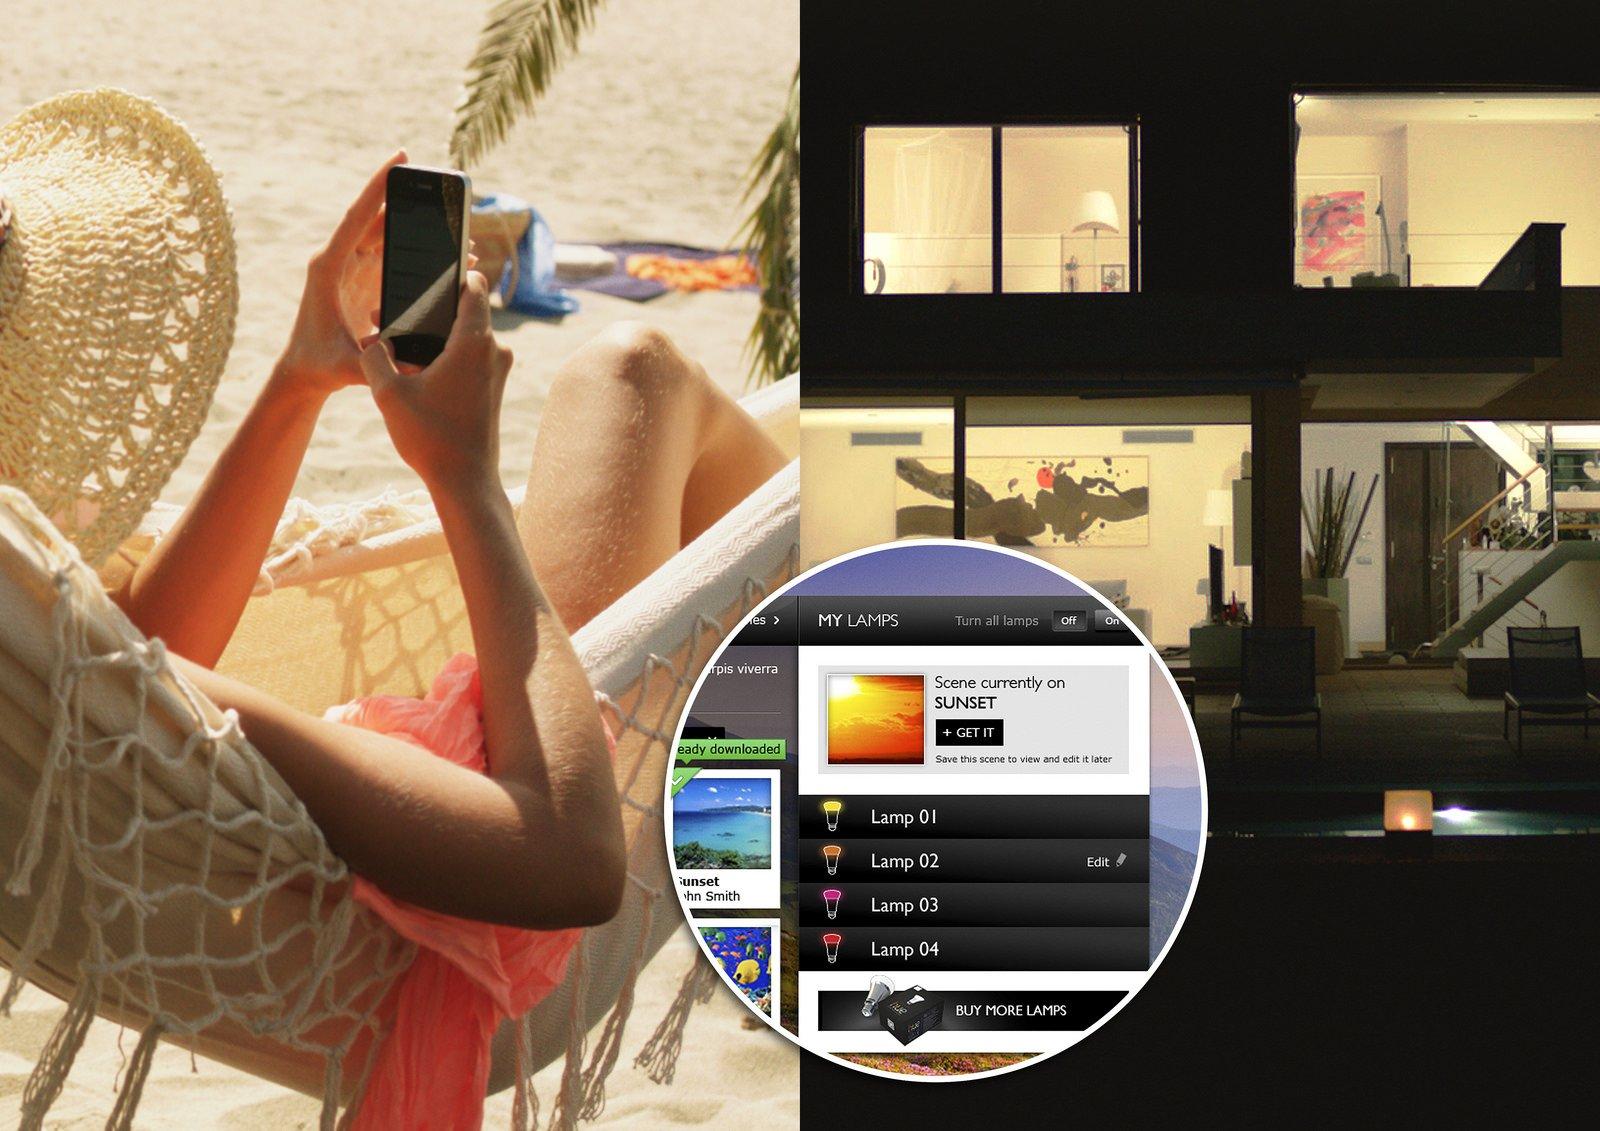 Da die neue Lichttechnik Hue von Philips ins WLAN-Netz des Hauses eingebunden wird, lässt sich das Licht sogar vom Strand aus ein- und ausschalten und in der Farbgebung steuern.